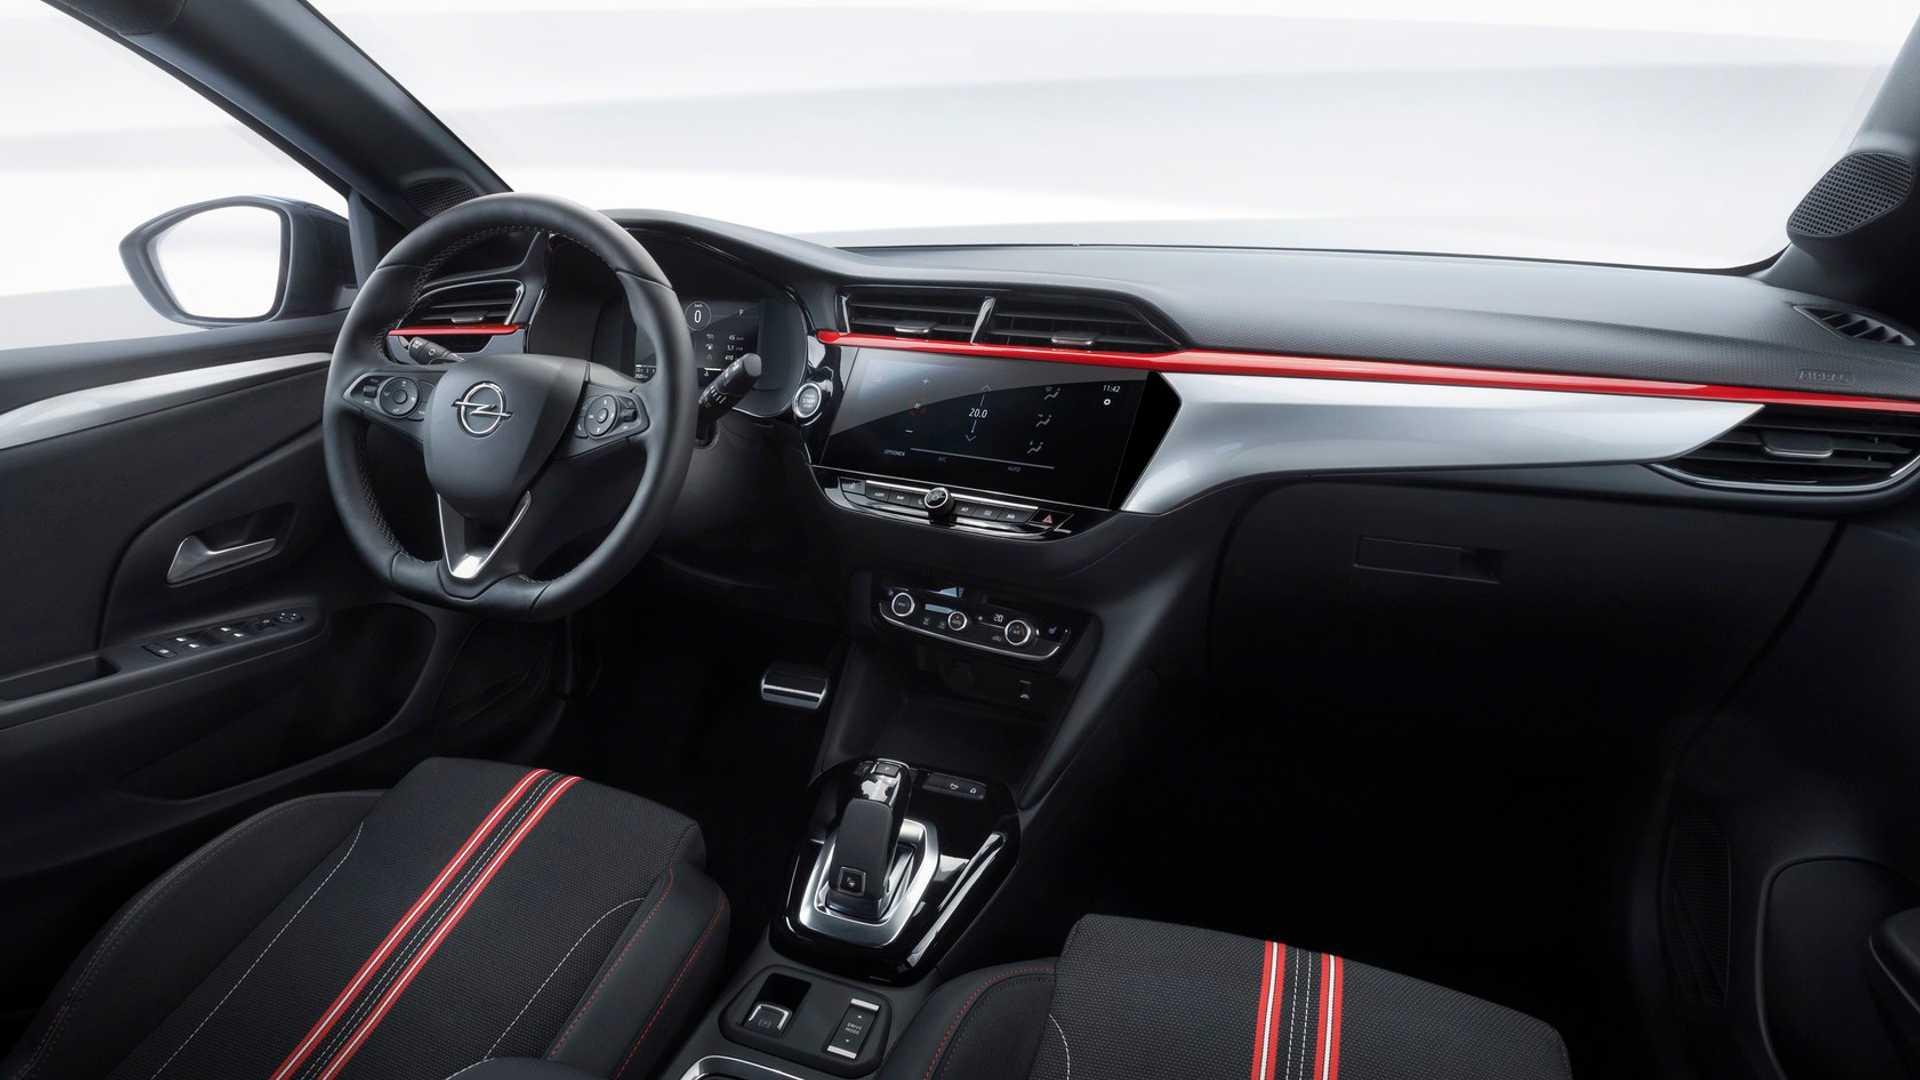 65 The Opel Corsa De 2020 Prices by Opel Corsa De 2020